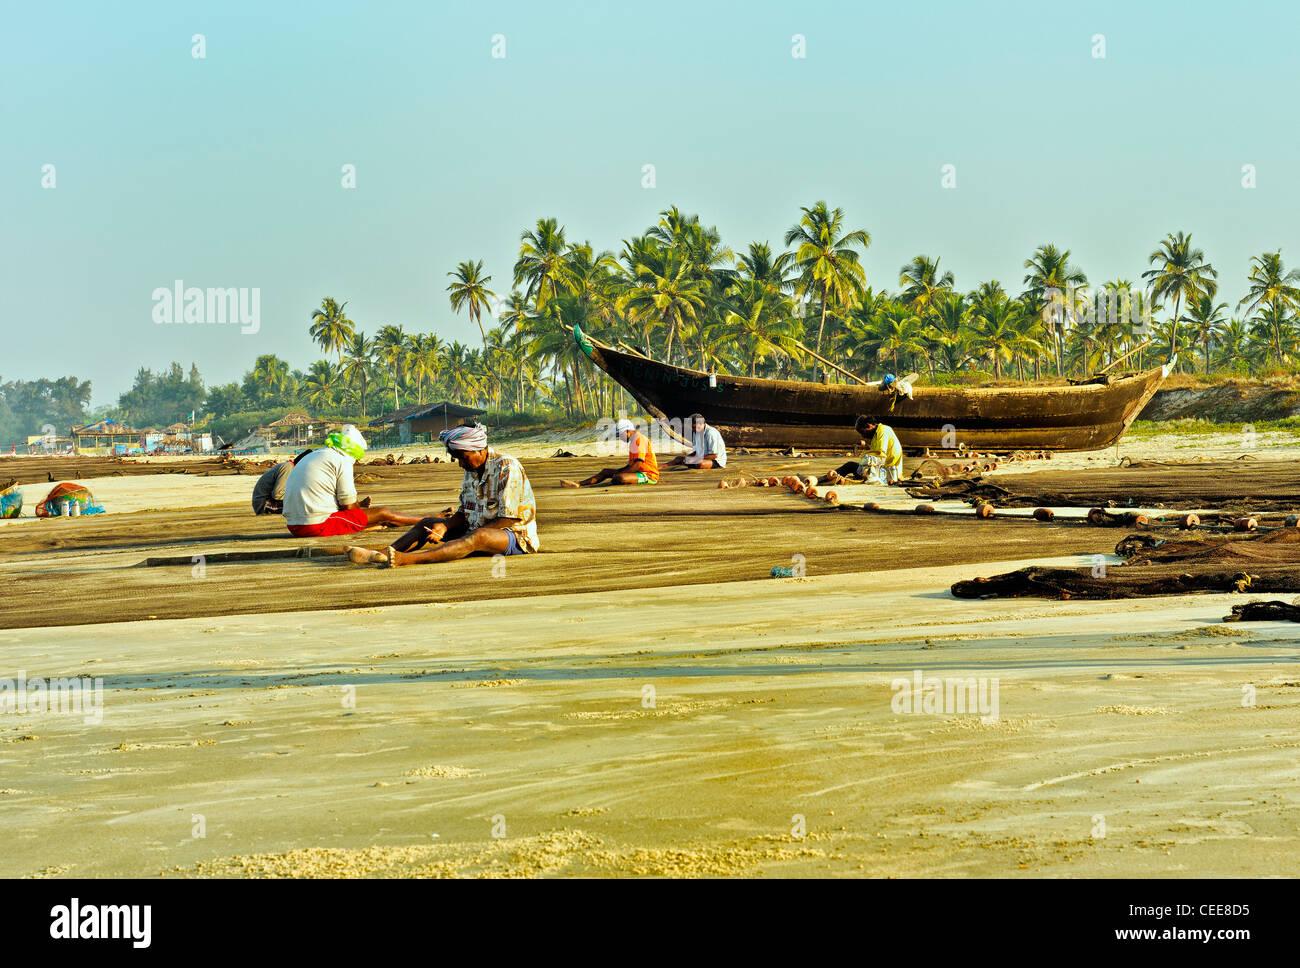 Fishermen repairing fishing nets on Varca Beach, Goa, India - Stock Image